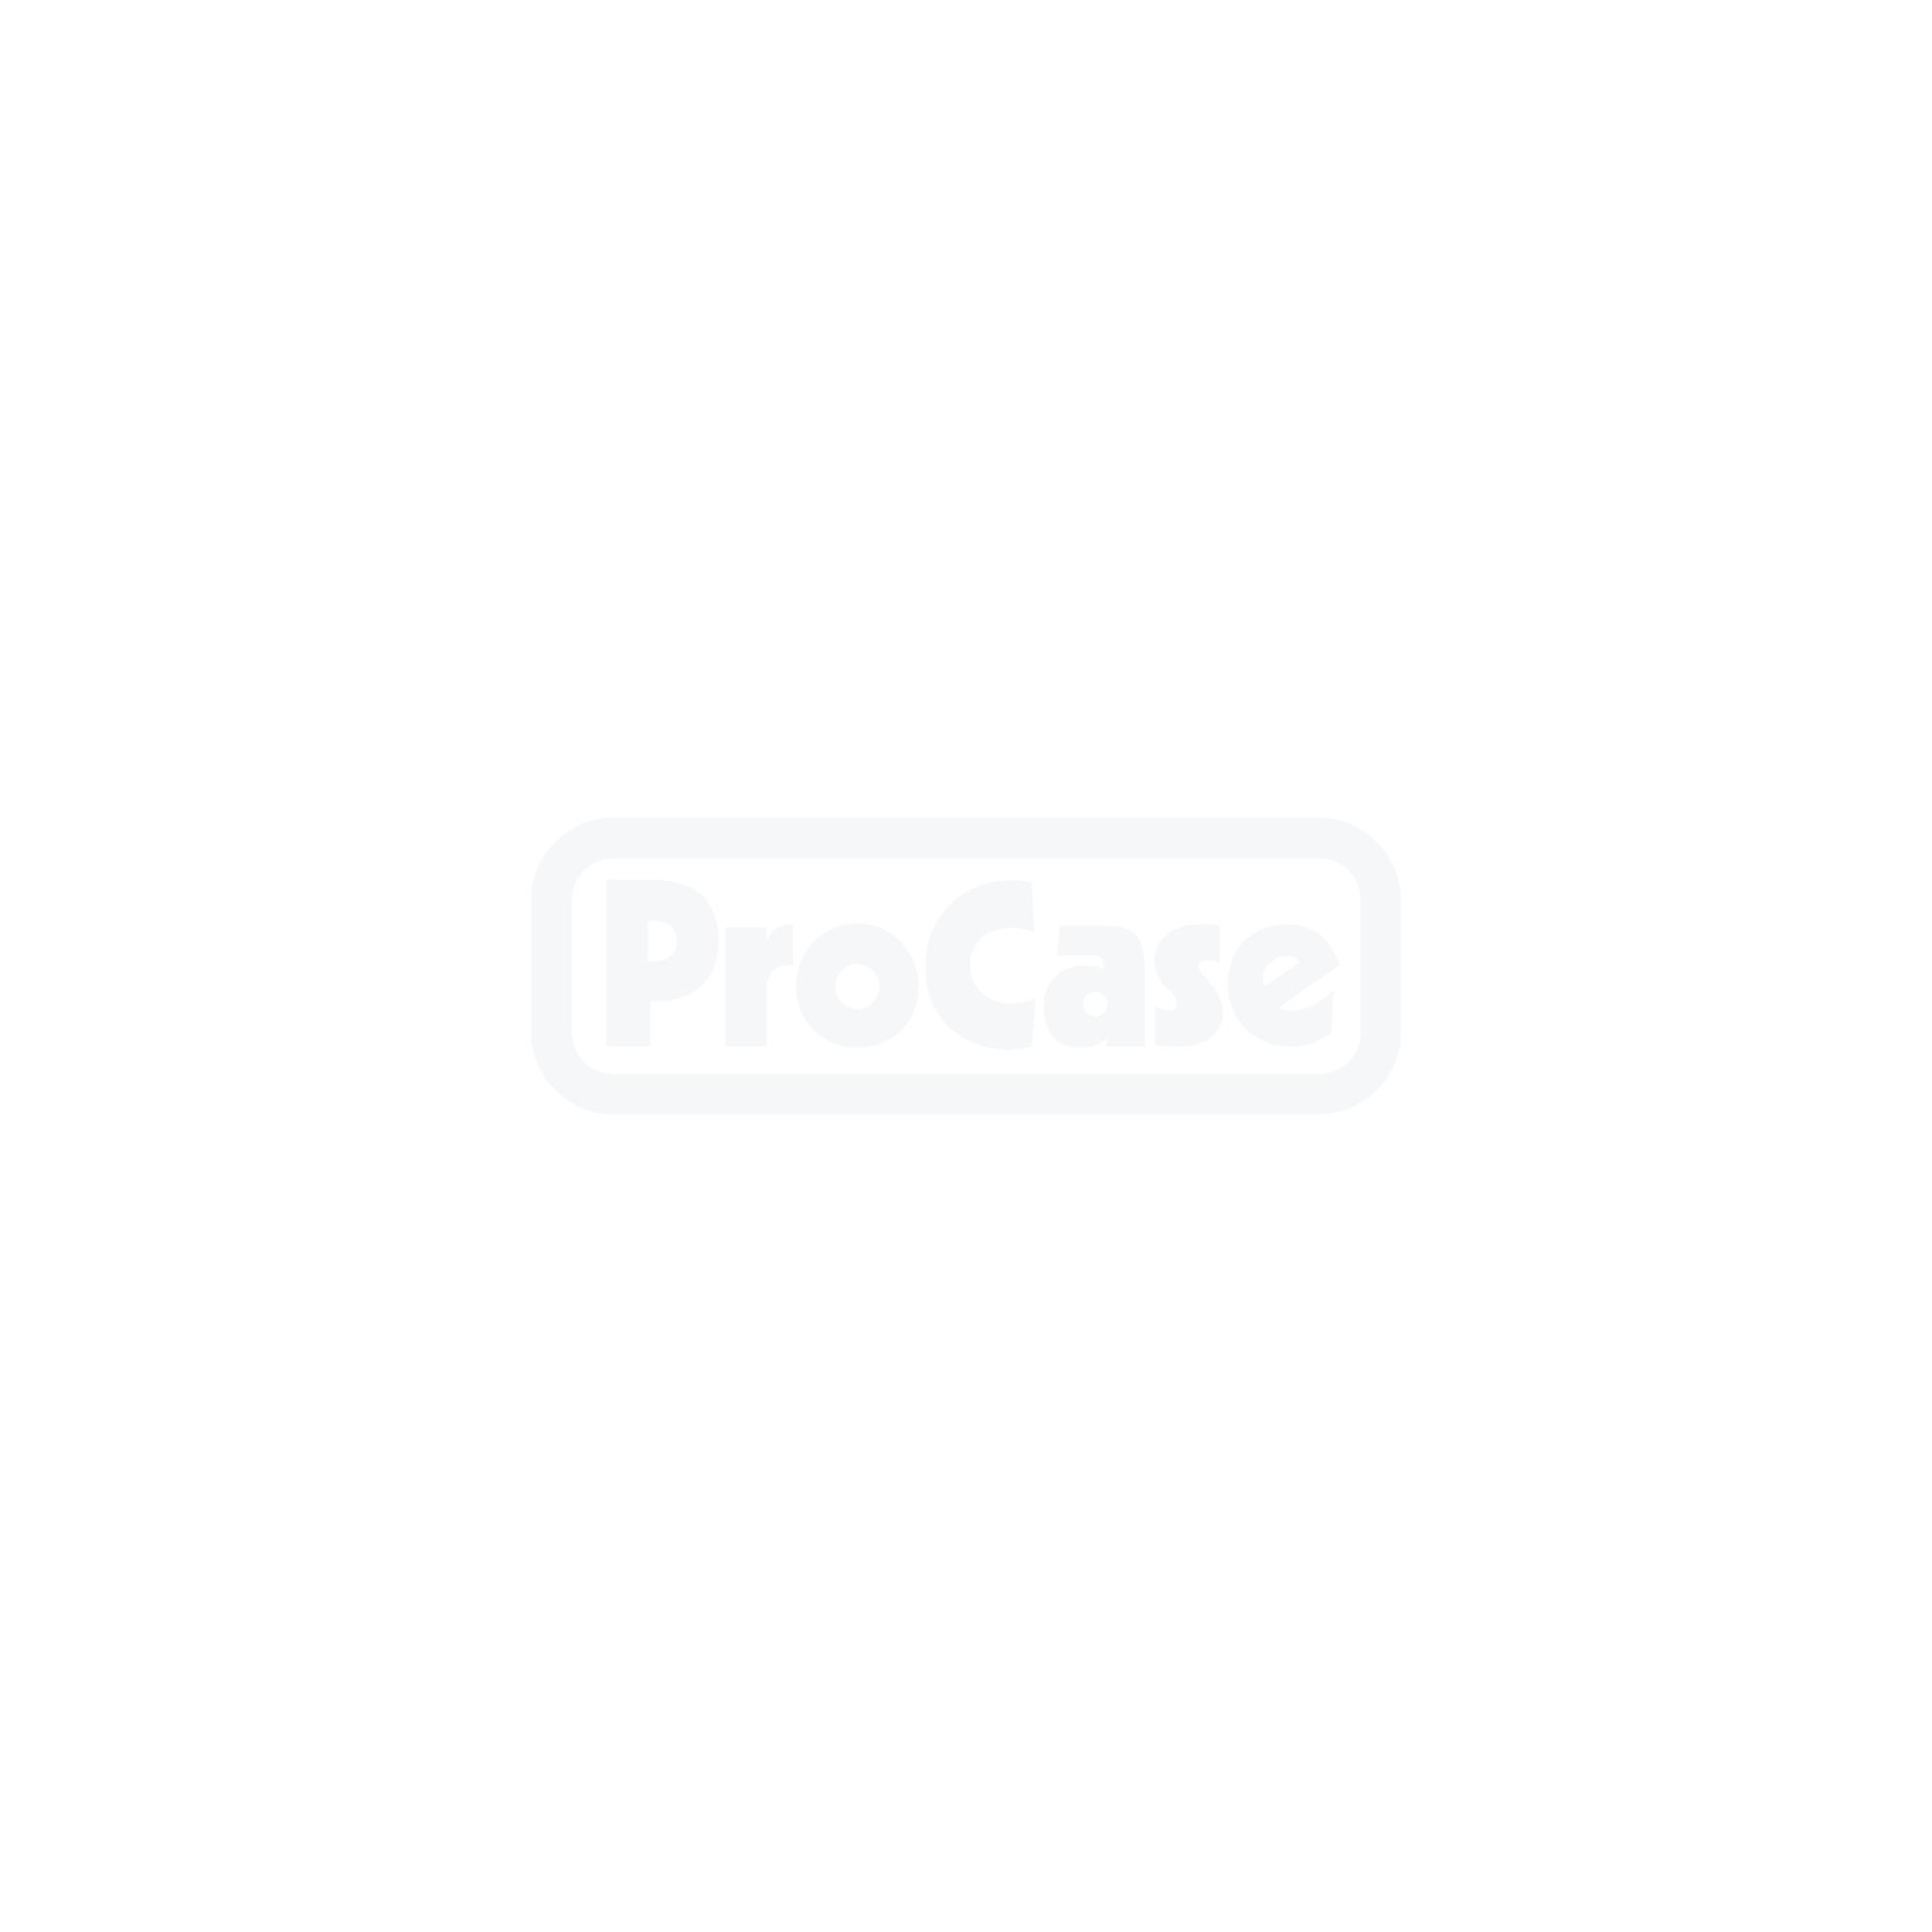 Flightcase für 4 Panasonic AW-UE150 und 1 AW-RP150 2